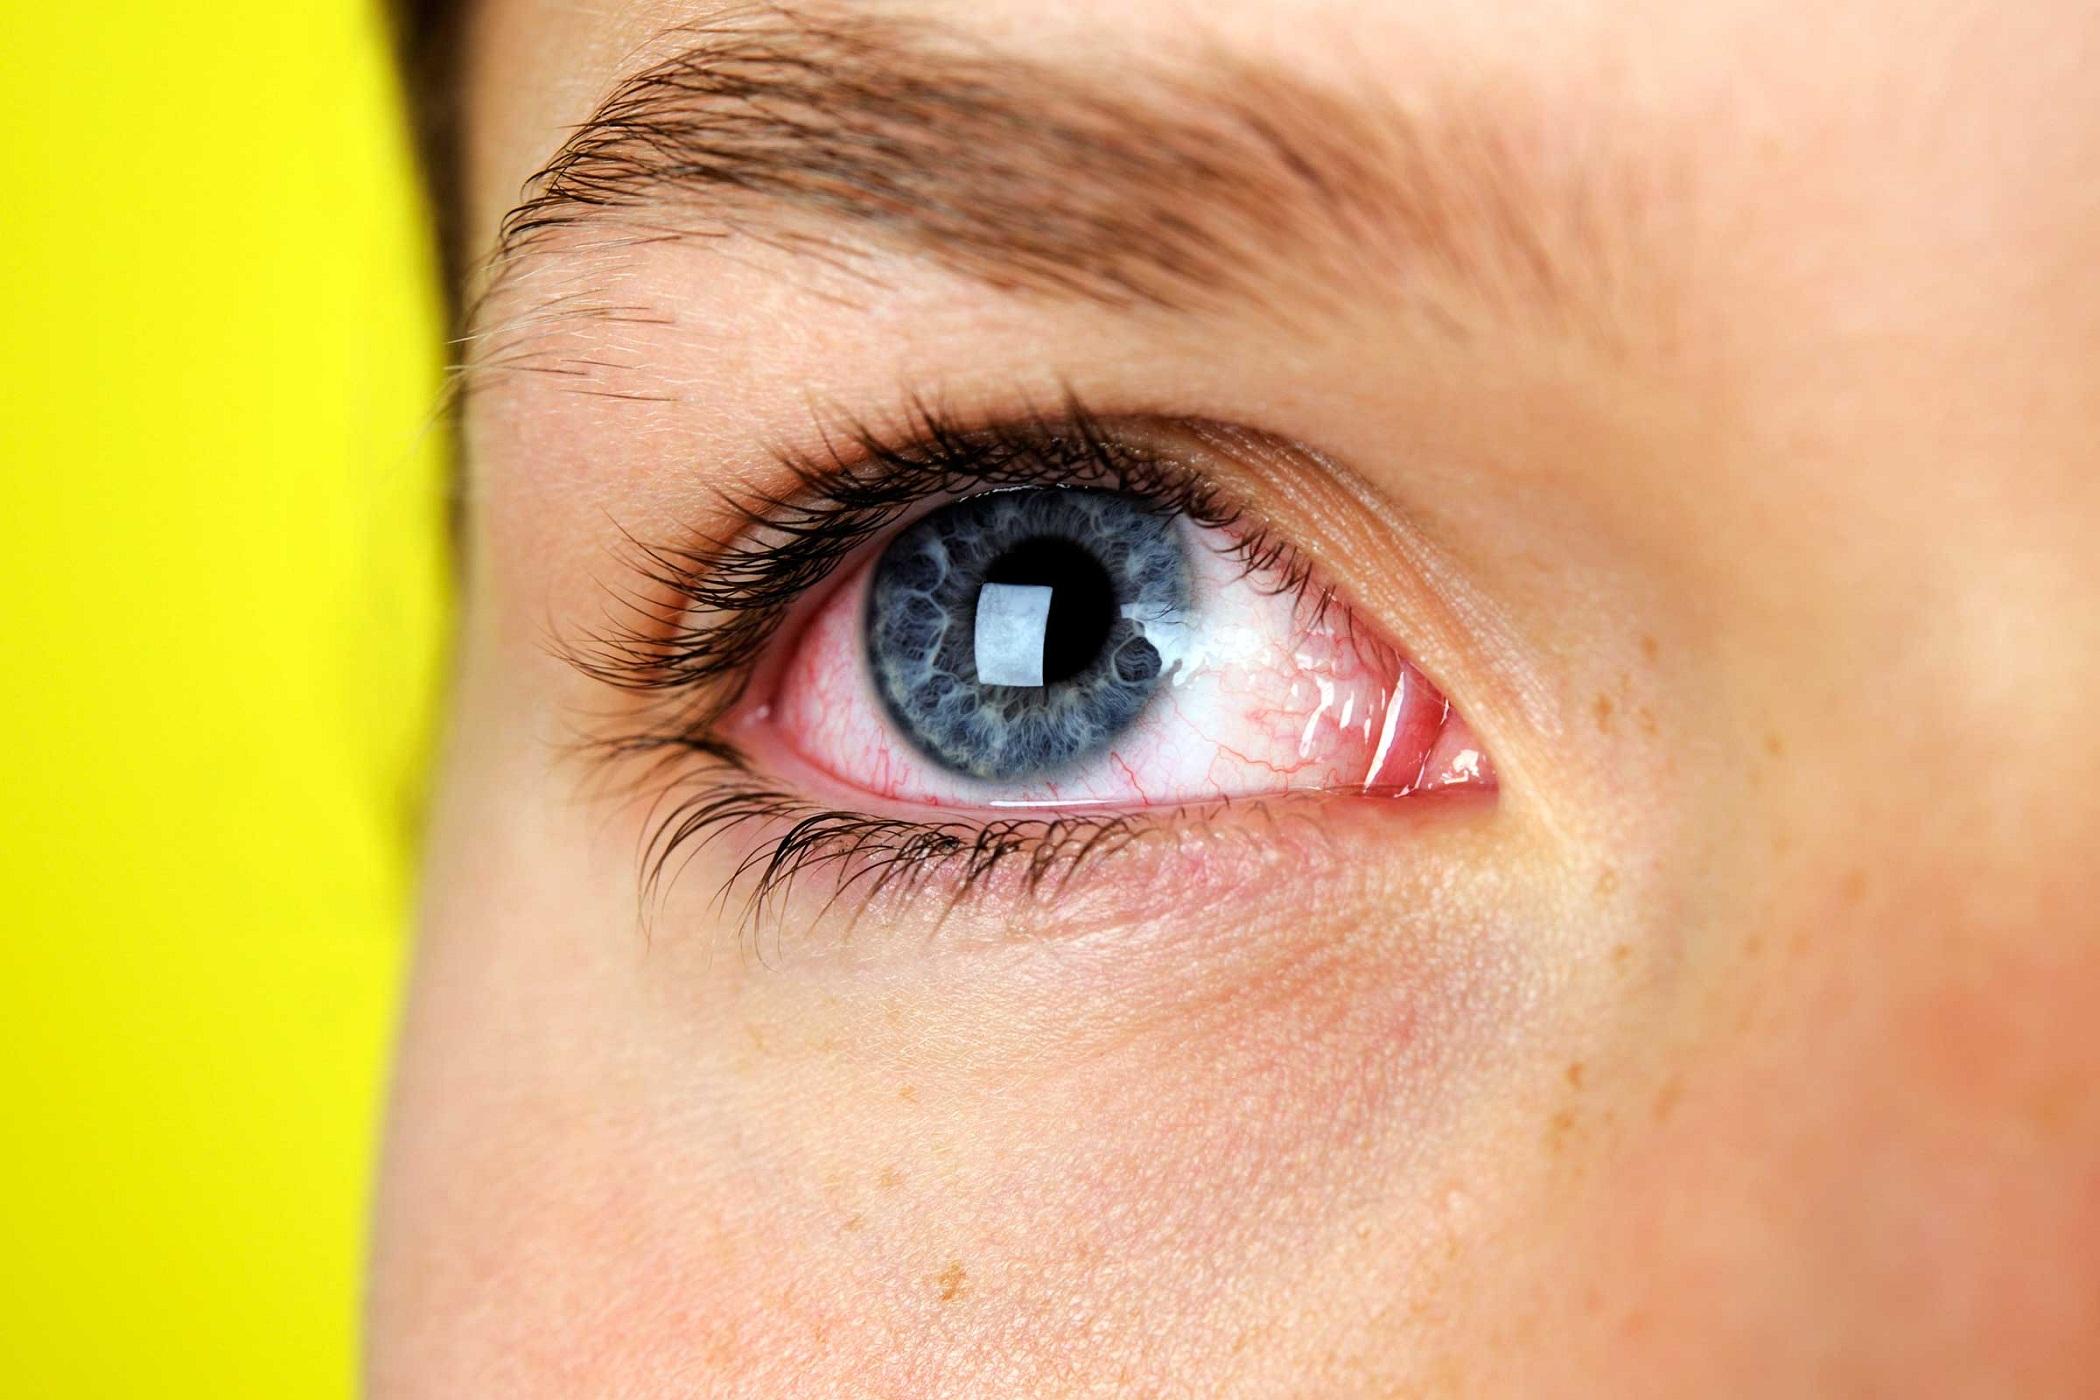 la ce vârstă miopia încetează să progreseze viziunea 3 cum s-a întâmplat